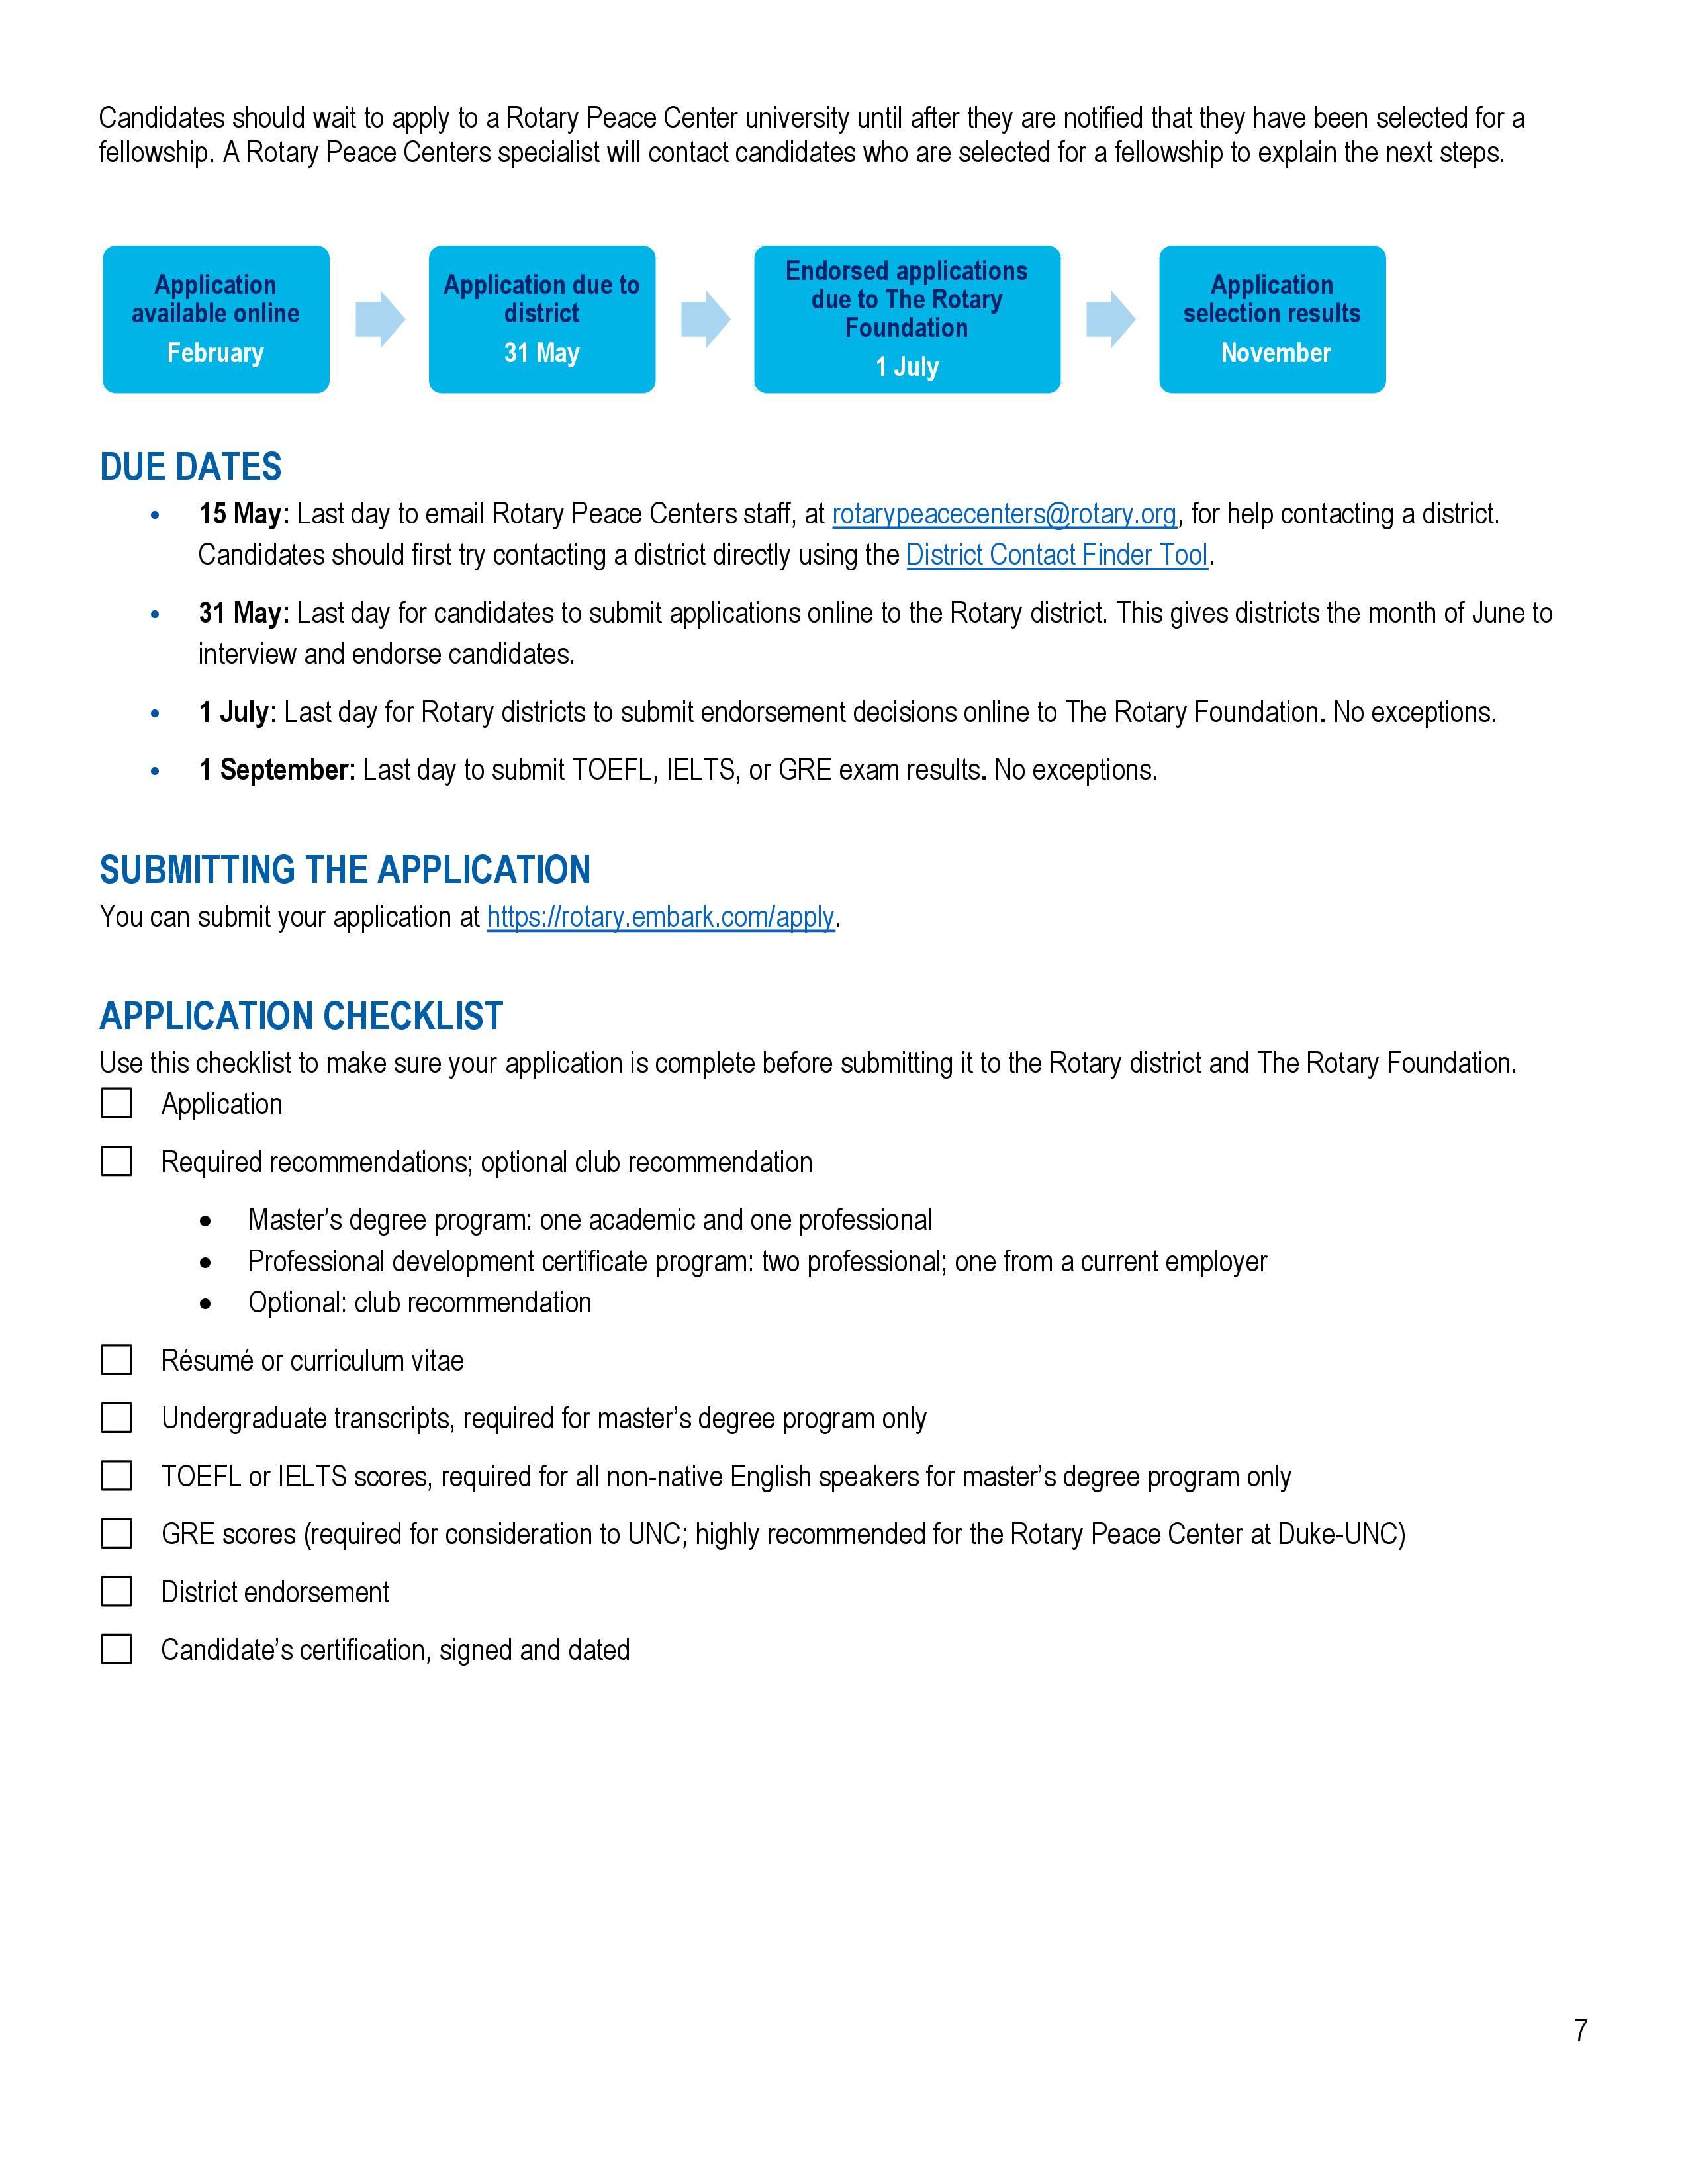 3-requisitos para aplicar a las becas propaz en ingles-7